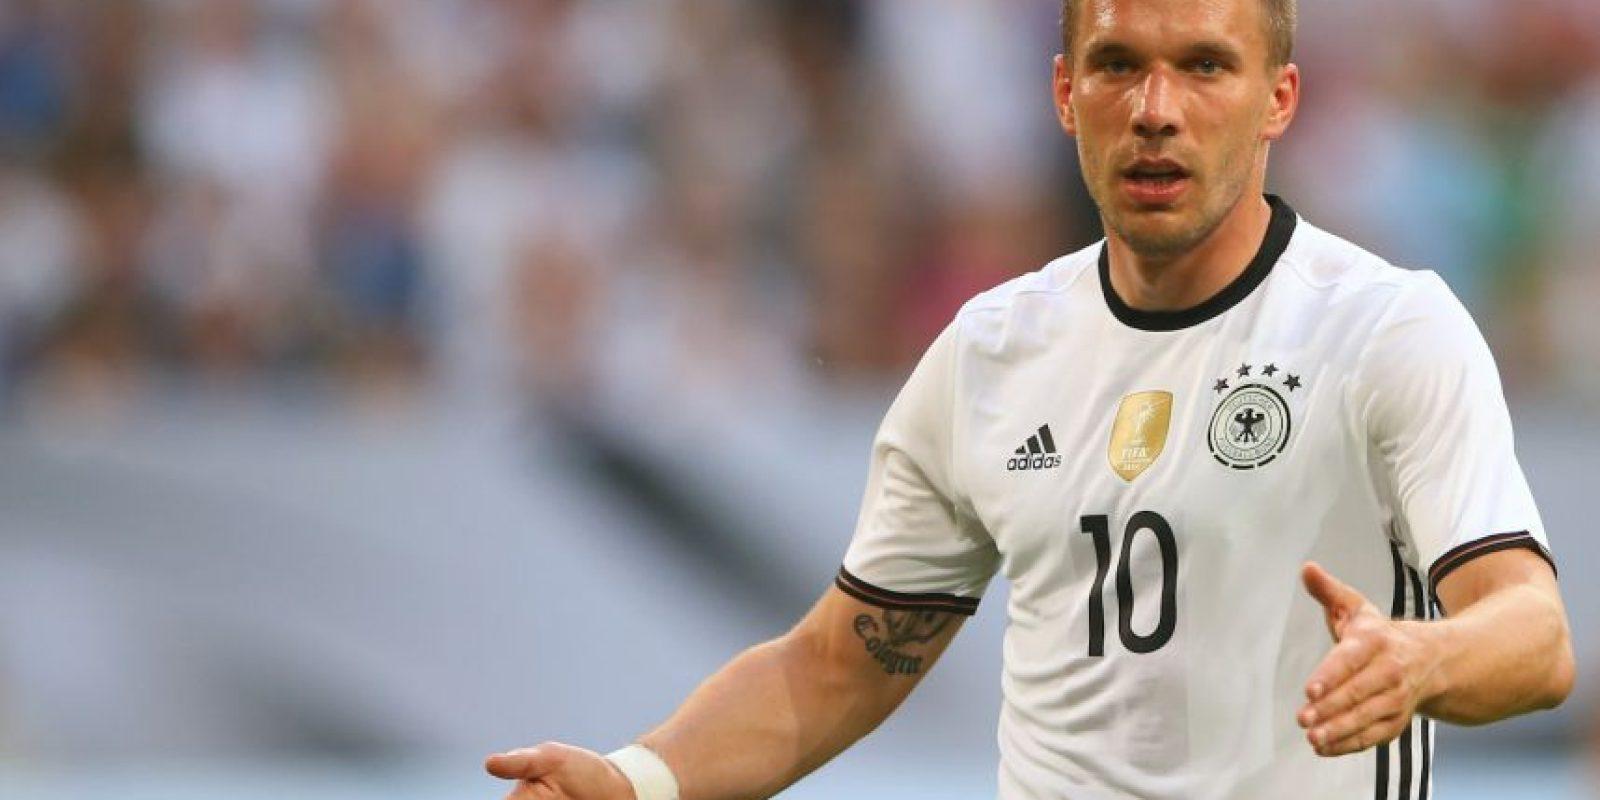 Lukas Podolski es uno de ellos Foto:Getty images